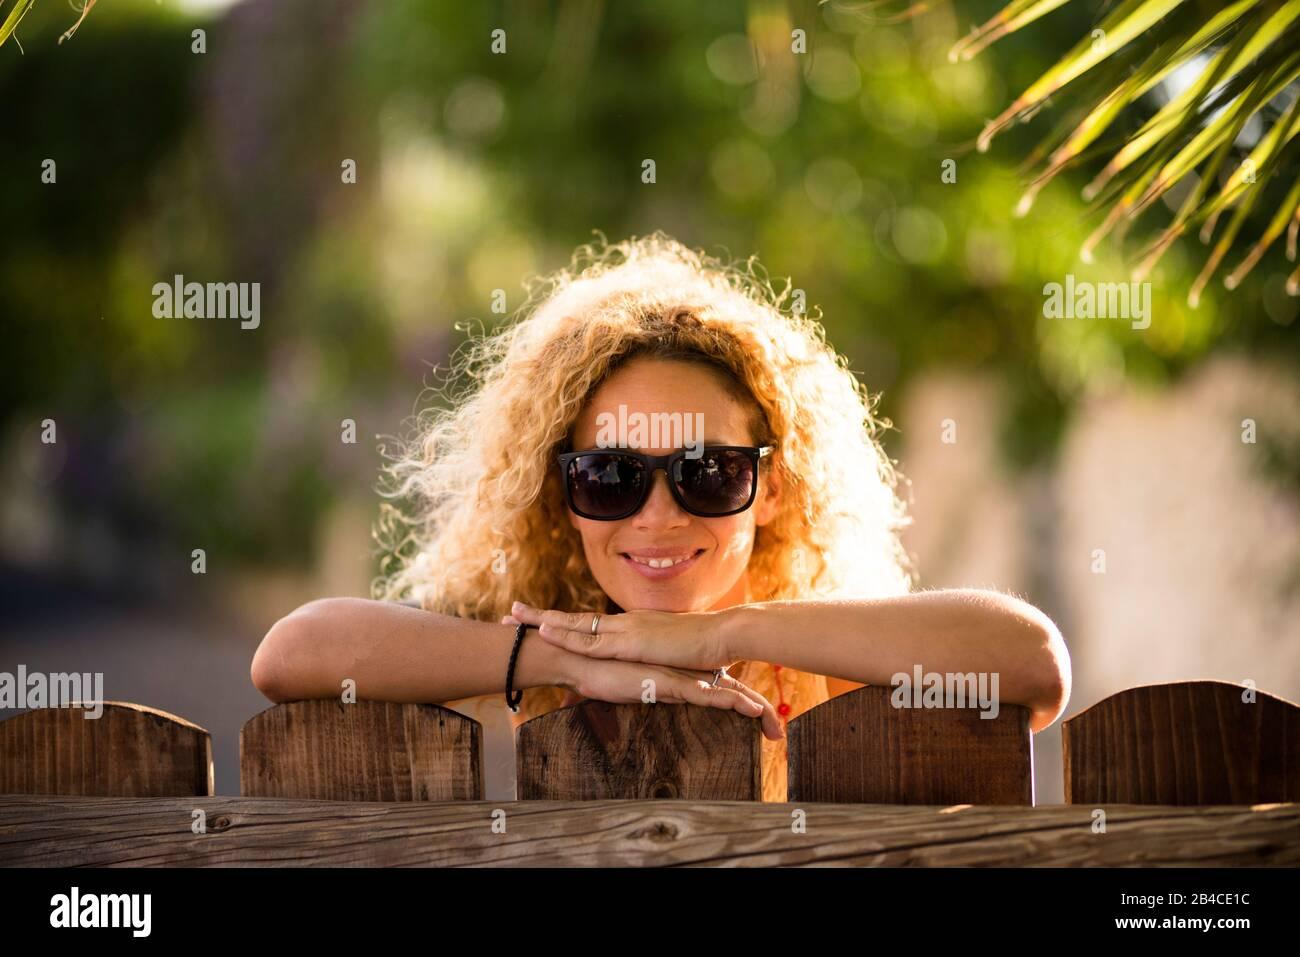 Ritratto di bella caucasica giovane bionda curly donna allegro guardando la fotocamera con luci del sole in background e defocused verde naturale sfondo esterno - felice età media signora concetto Foto Stock